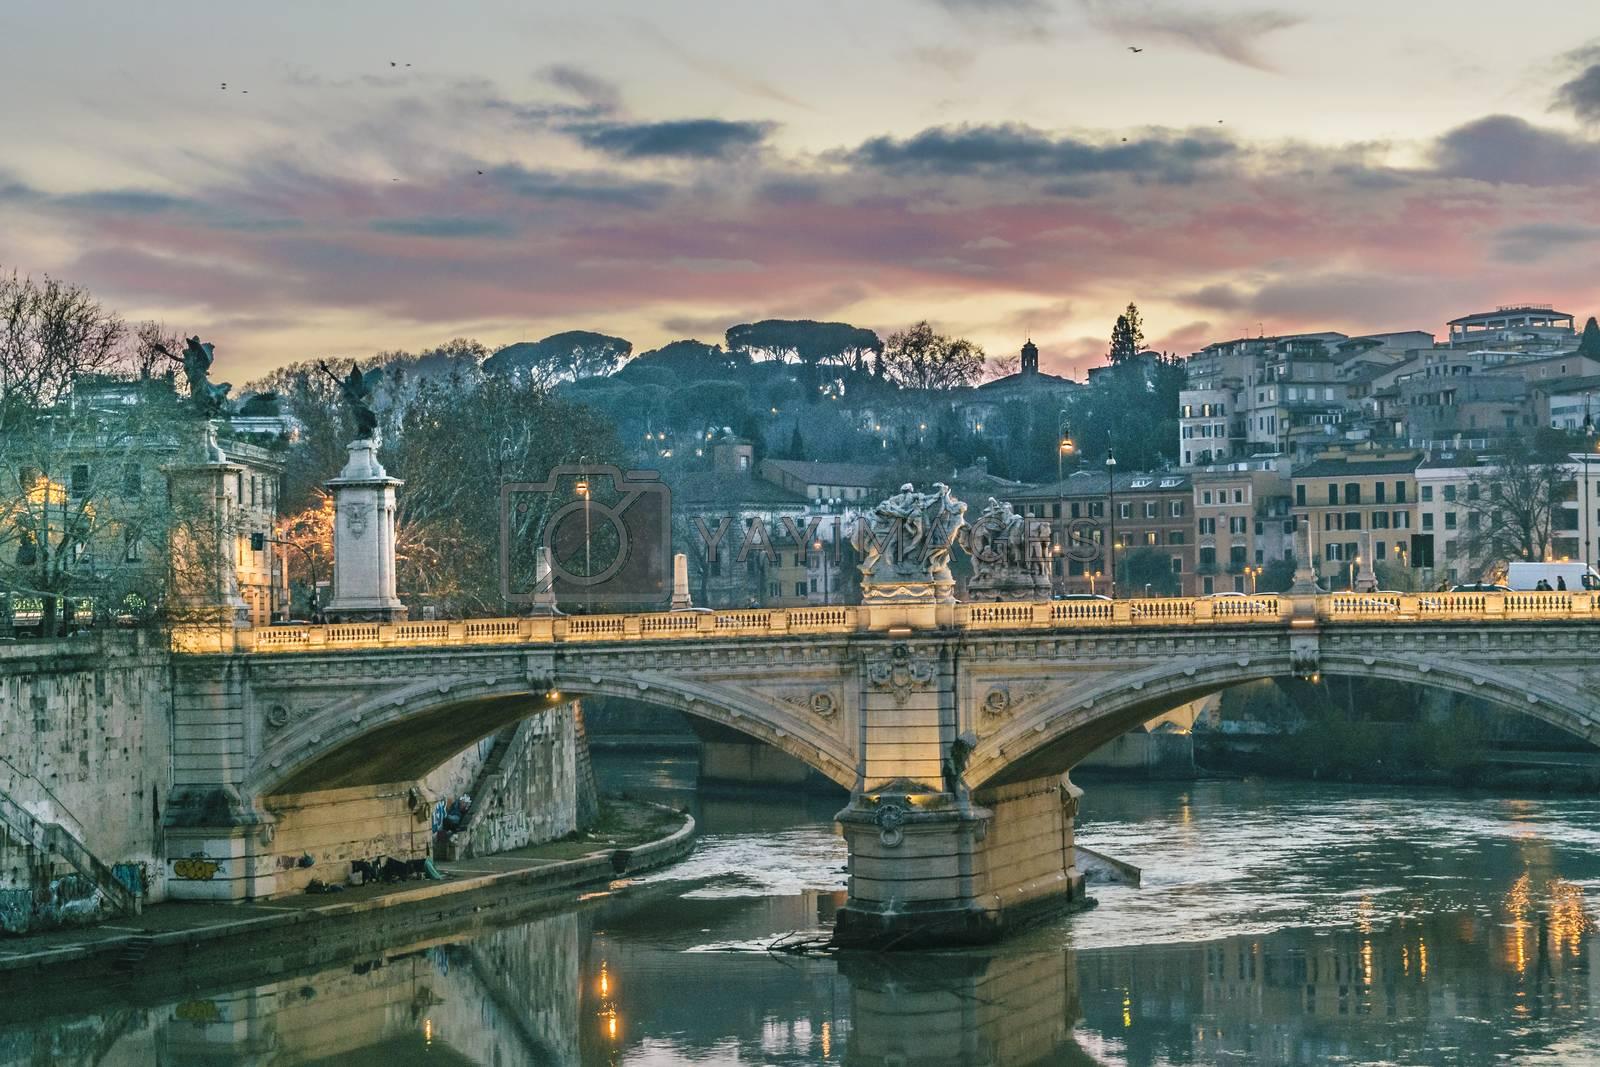 Urban cityscape twilight winter season scene at tiber river in Rome city, Italy